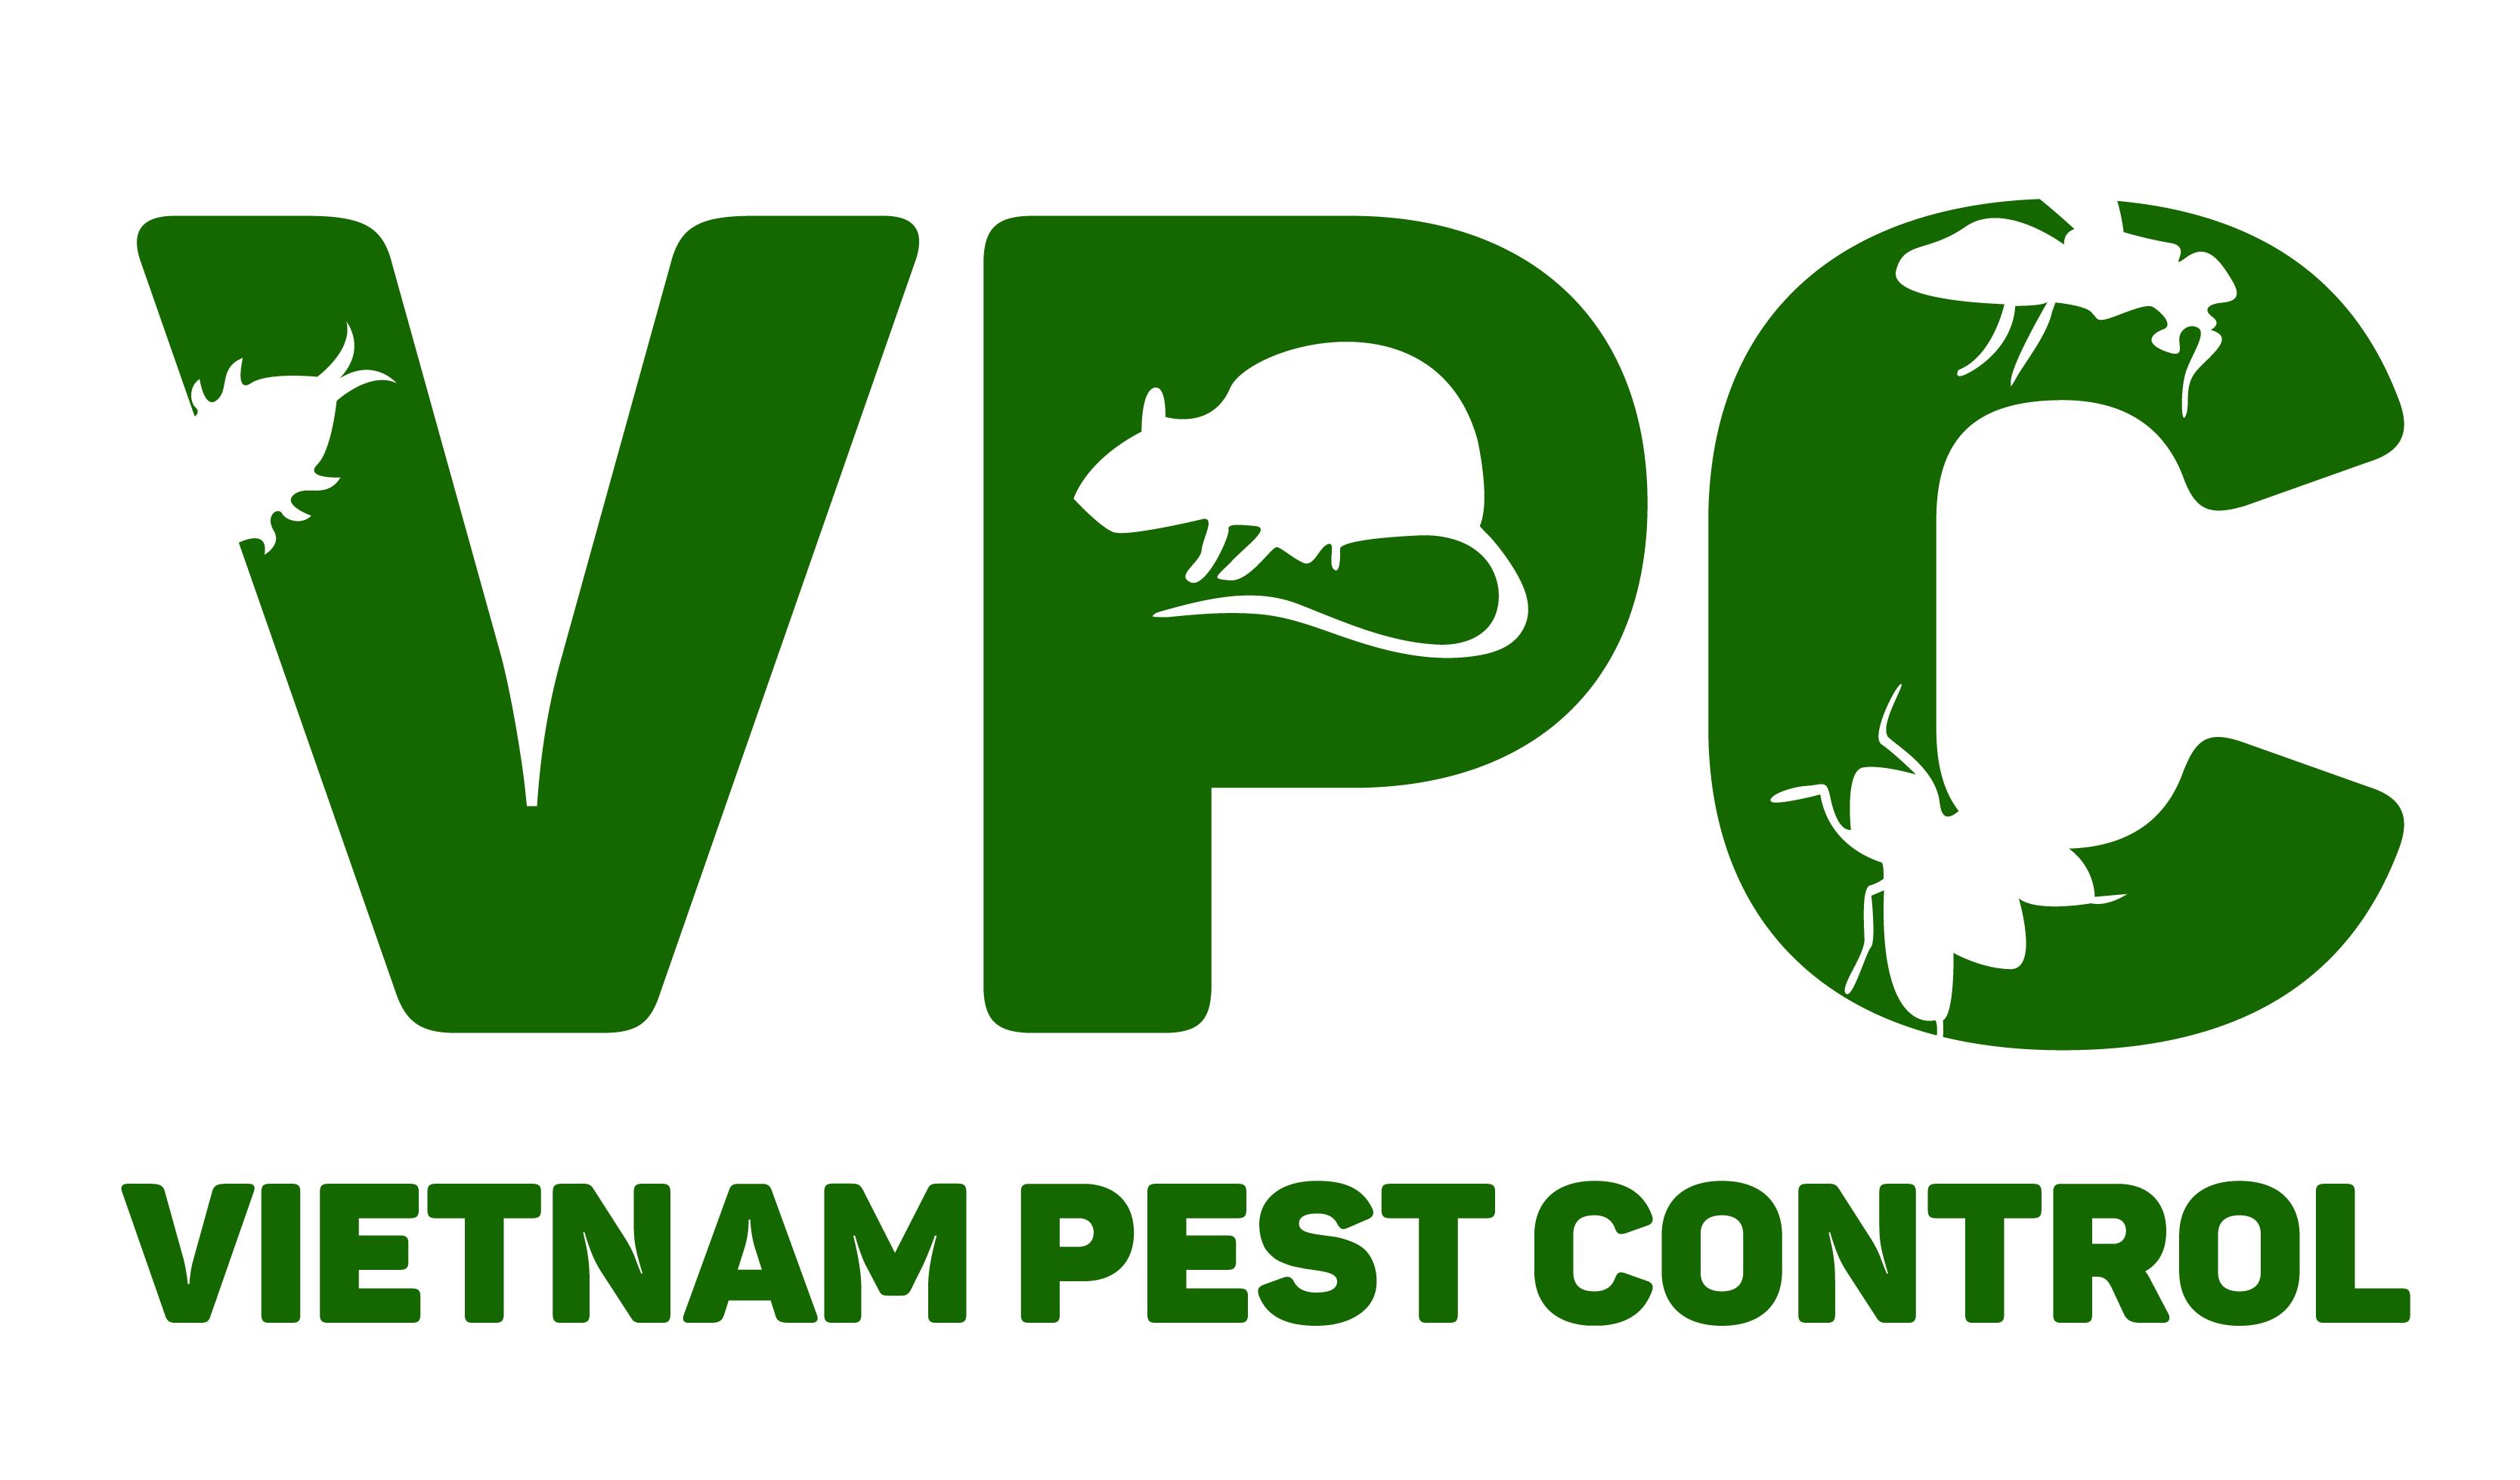 Kiểm soát côn trùng Việt Nam VPC